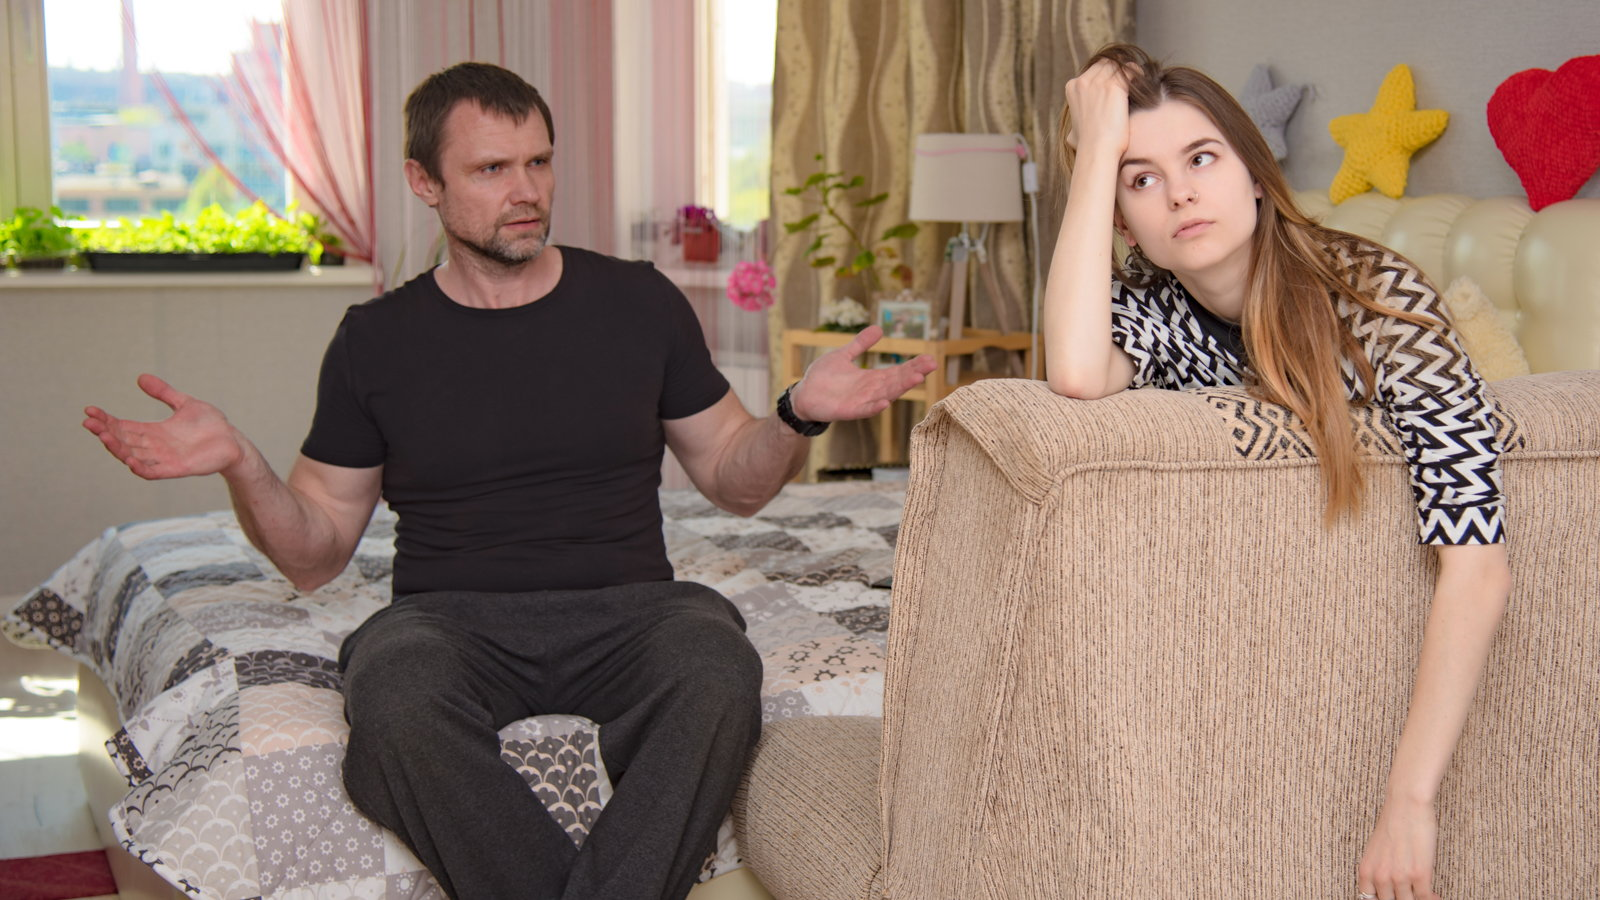 dad talking to teen daughter